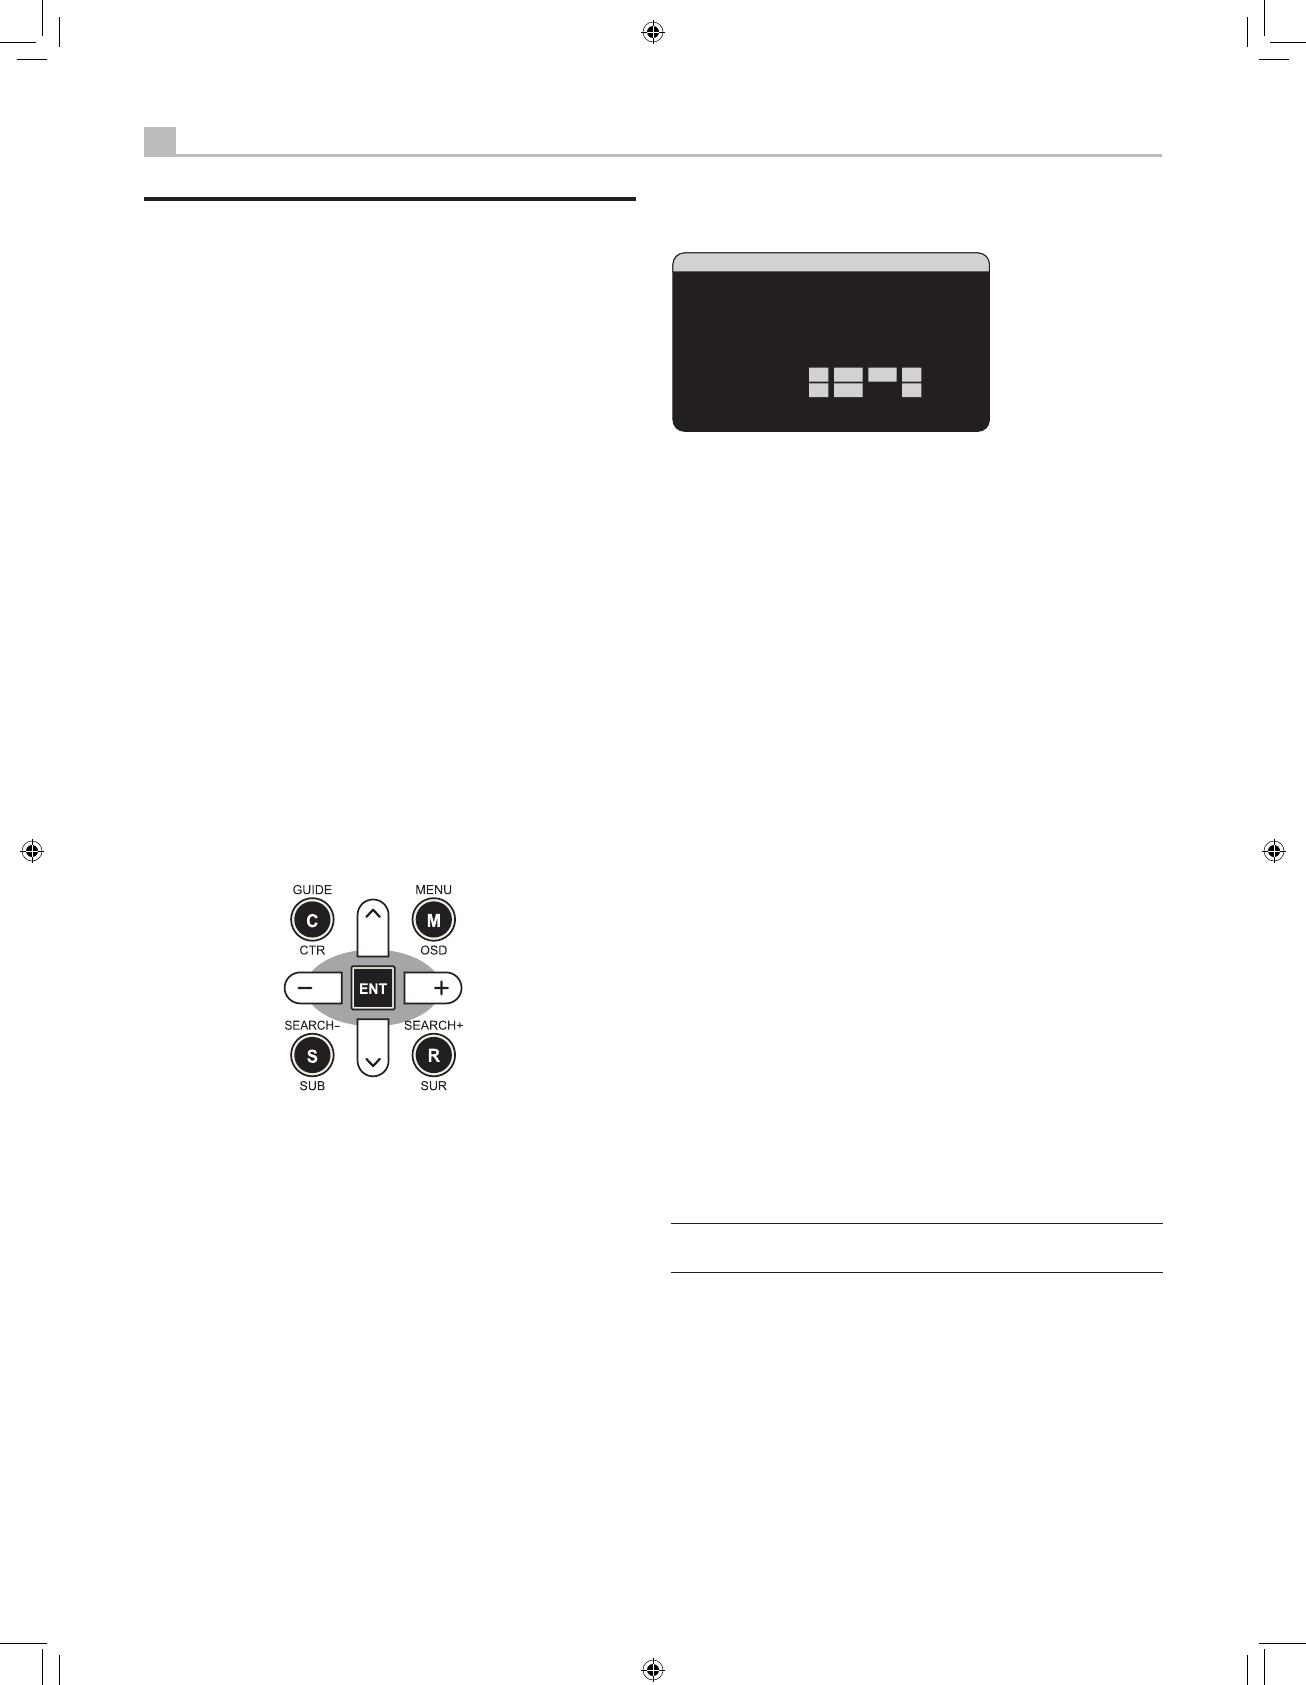 Handleiding Rotel Rsx 1550 Pagina 39 Van 54 English Subwoofer Wiring Diagram 40 41